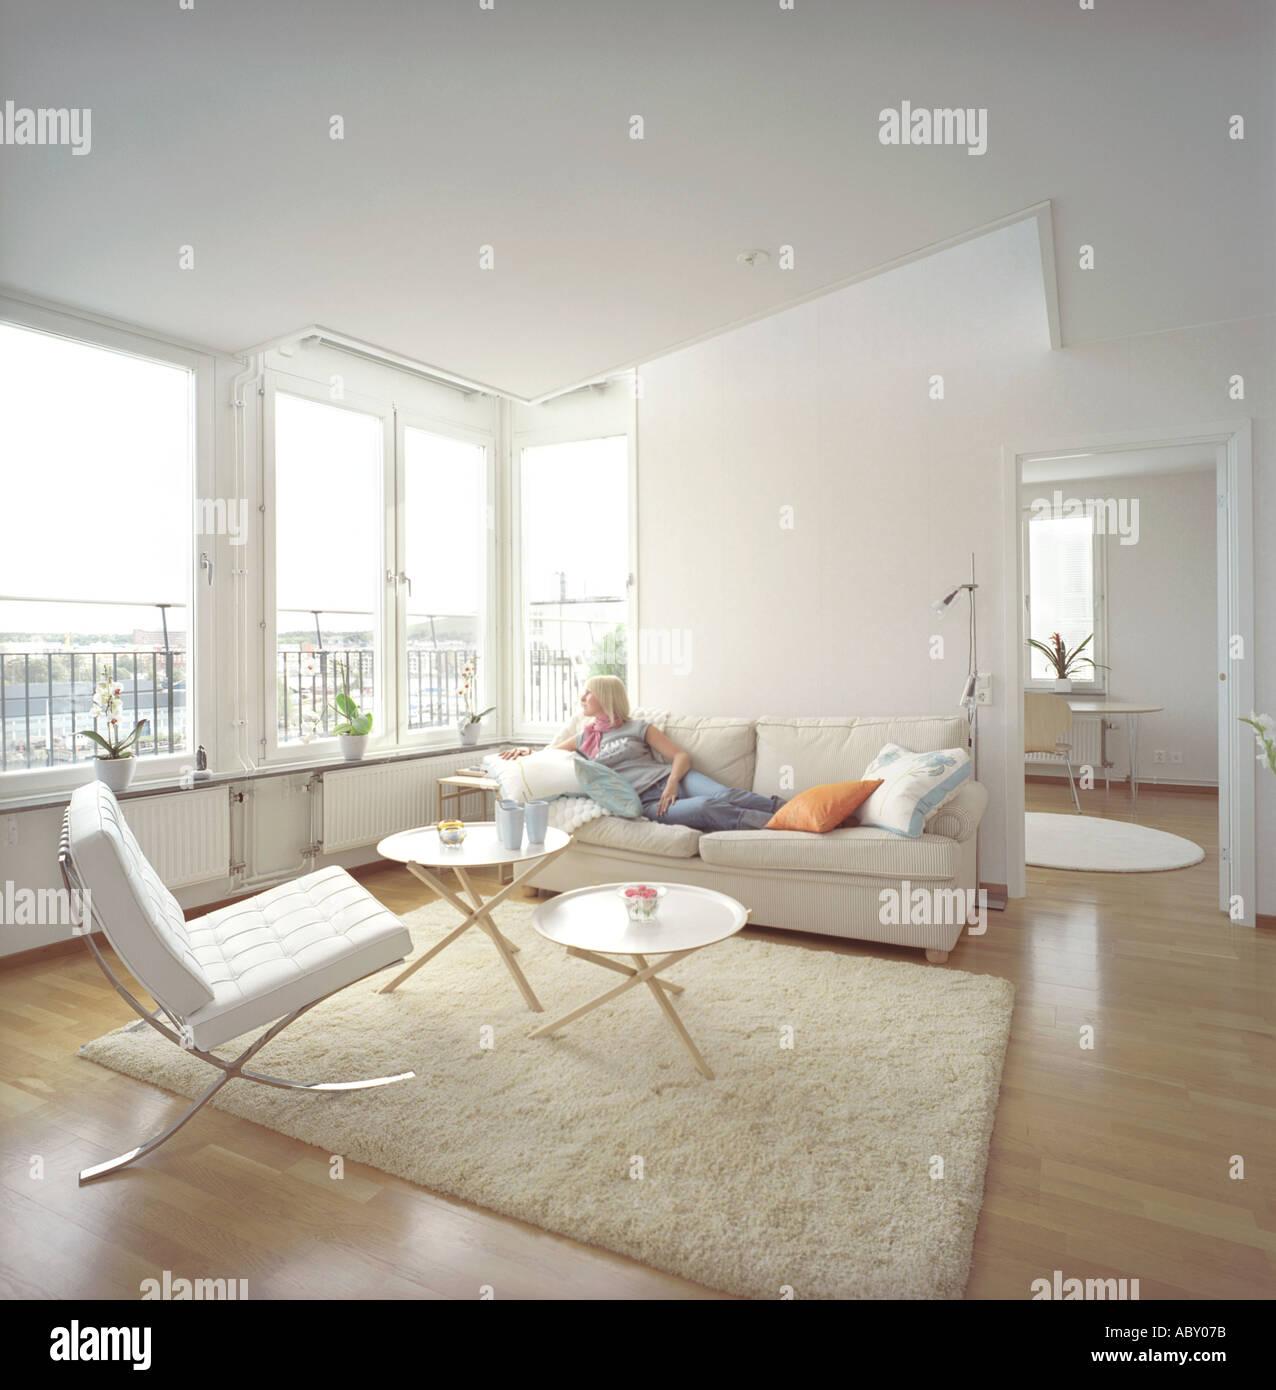 interior design forms free. Black Bedroom Furniture Sets. Home Design Ideas